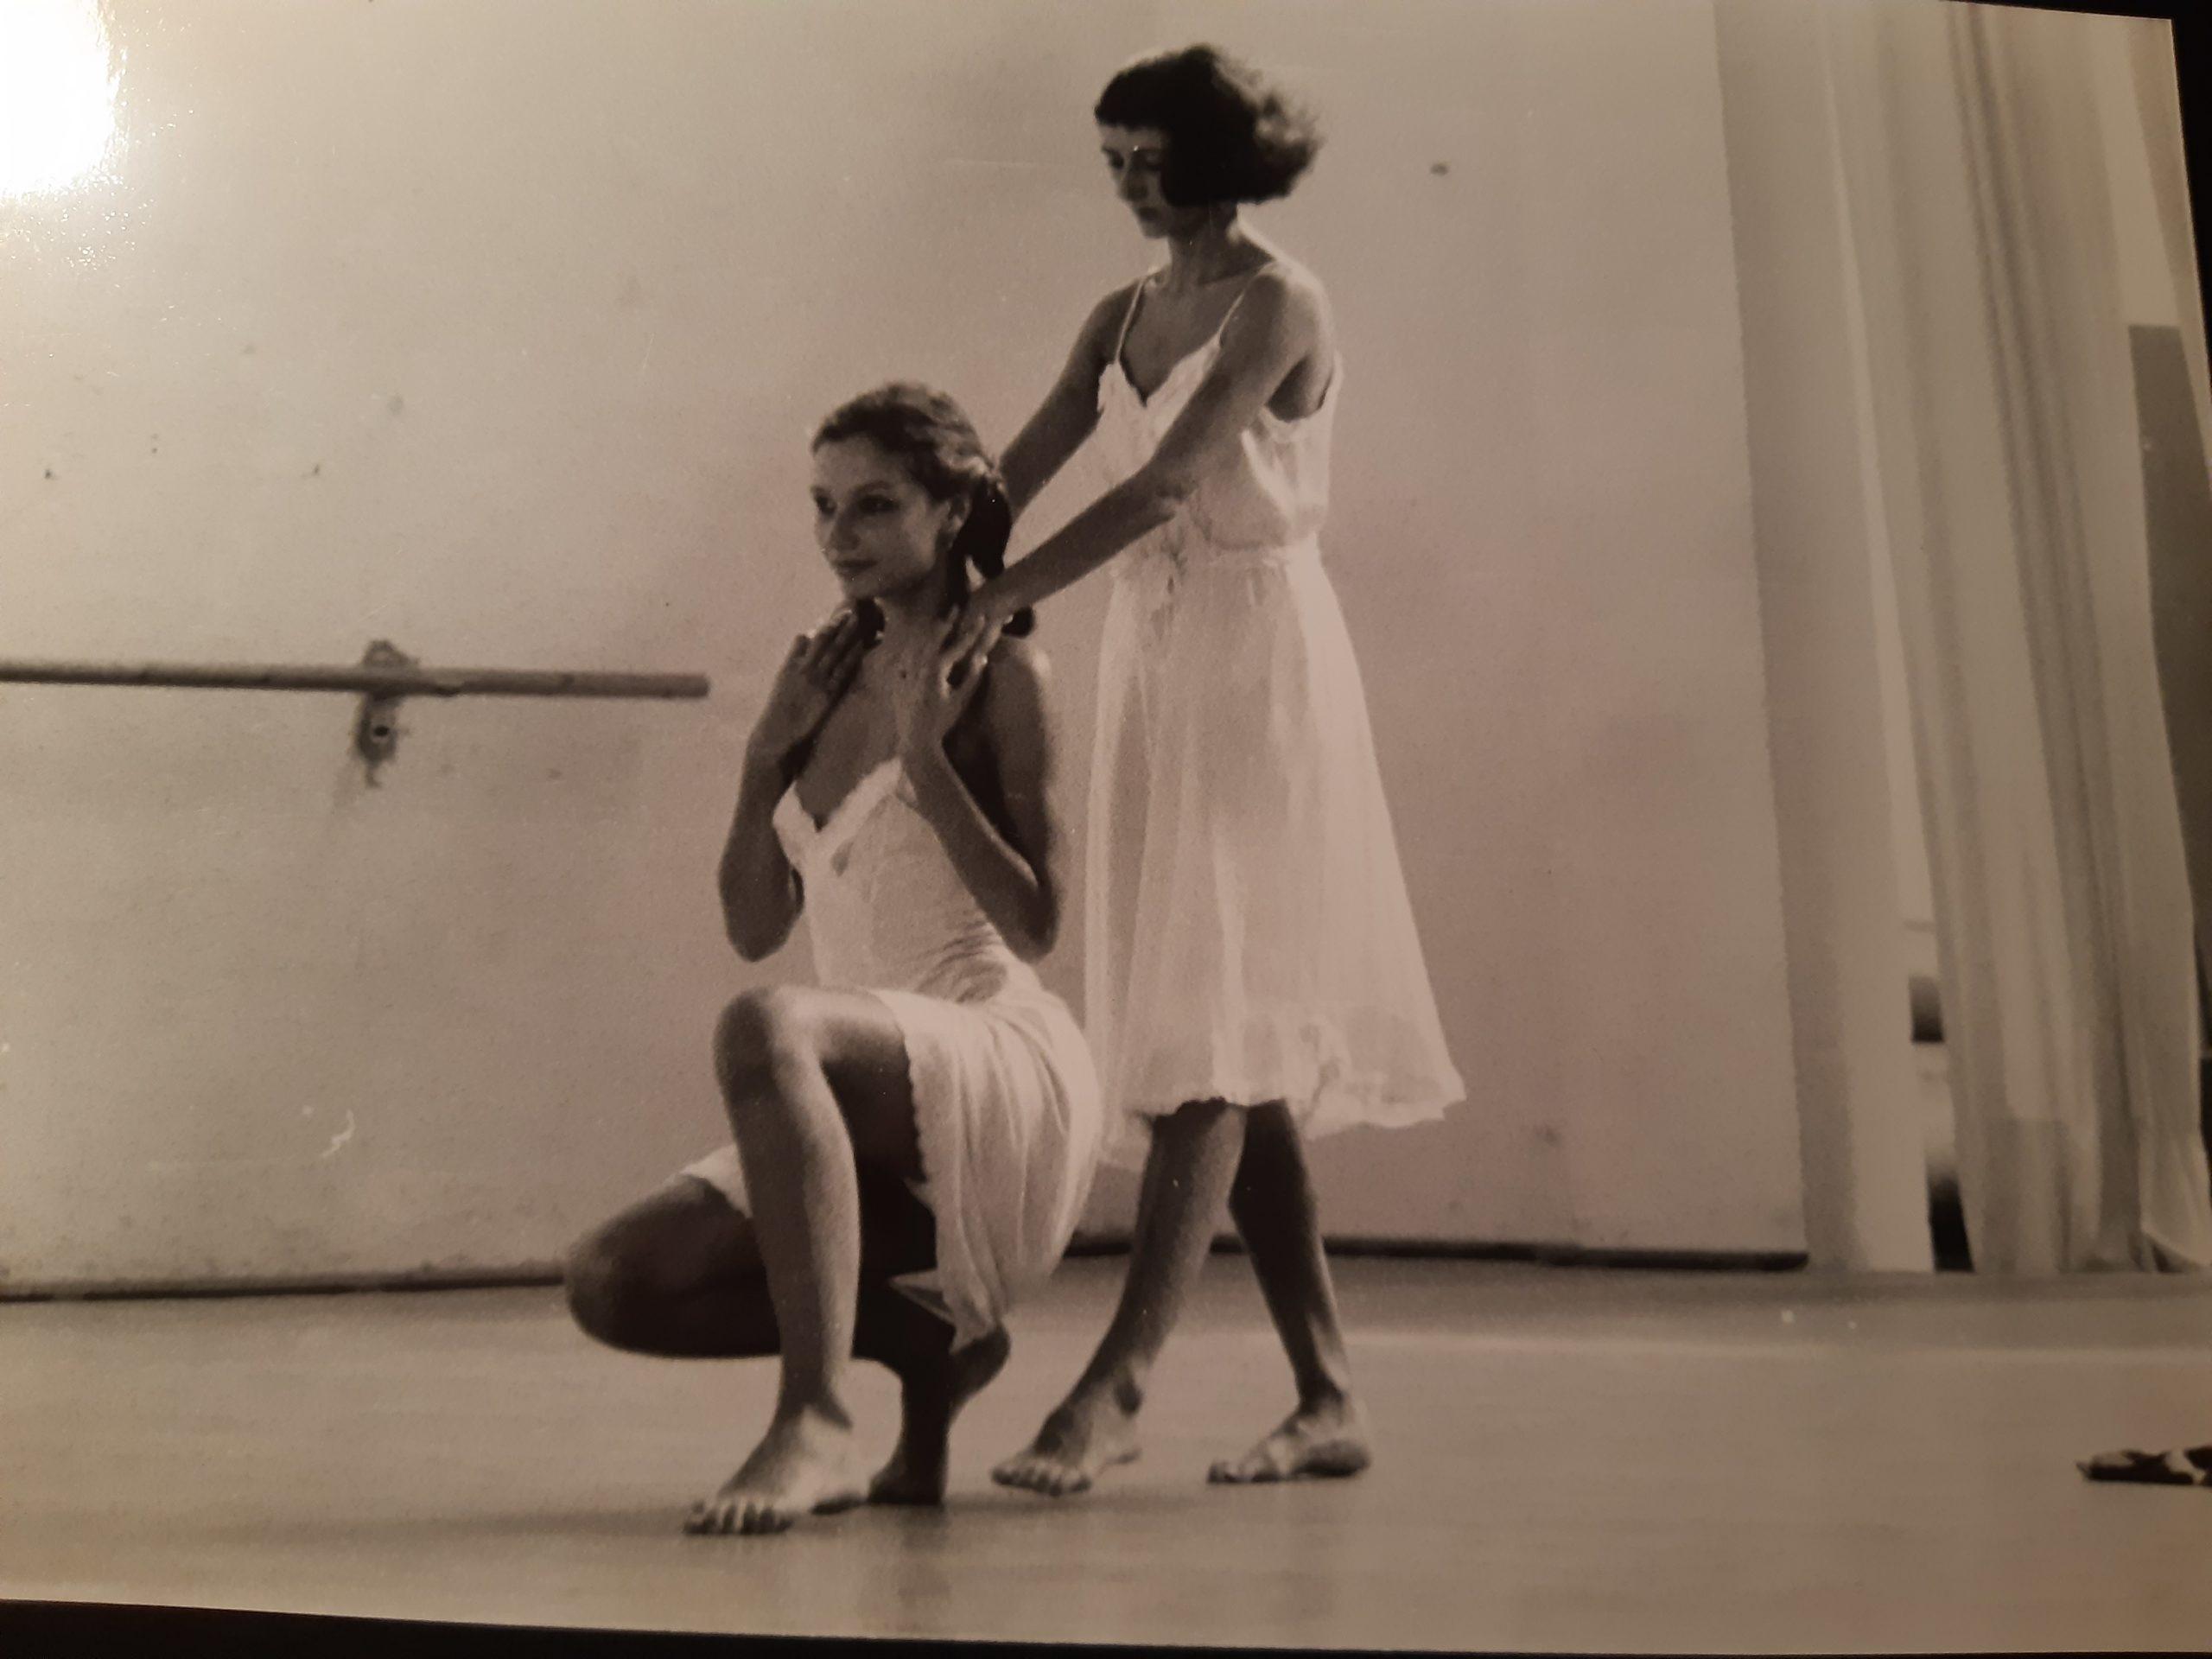 Obradoiro de coreografía con Cesc Gelabert. La Fábrica. Barcelona, 1983